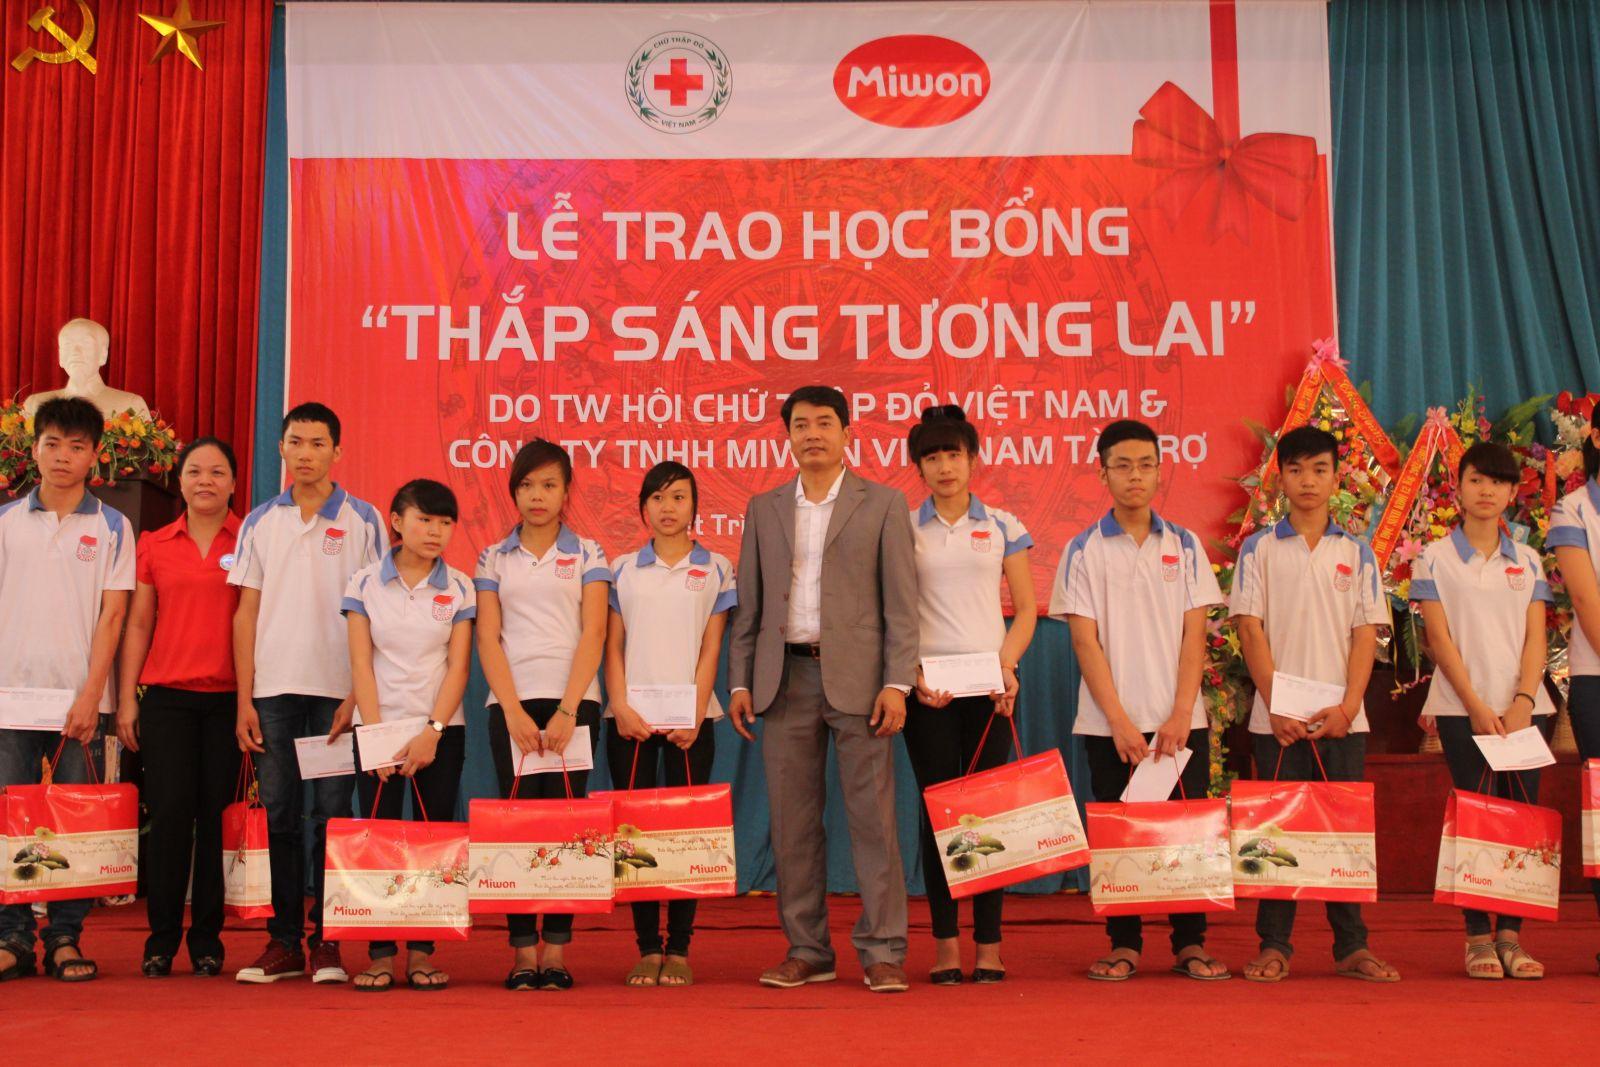 Trao học bổng cho học sinh nghèo học giỏi tại tỉnh Phú Thọ